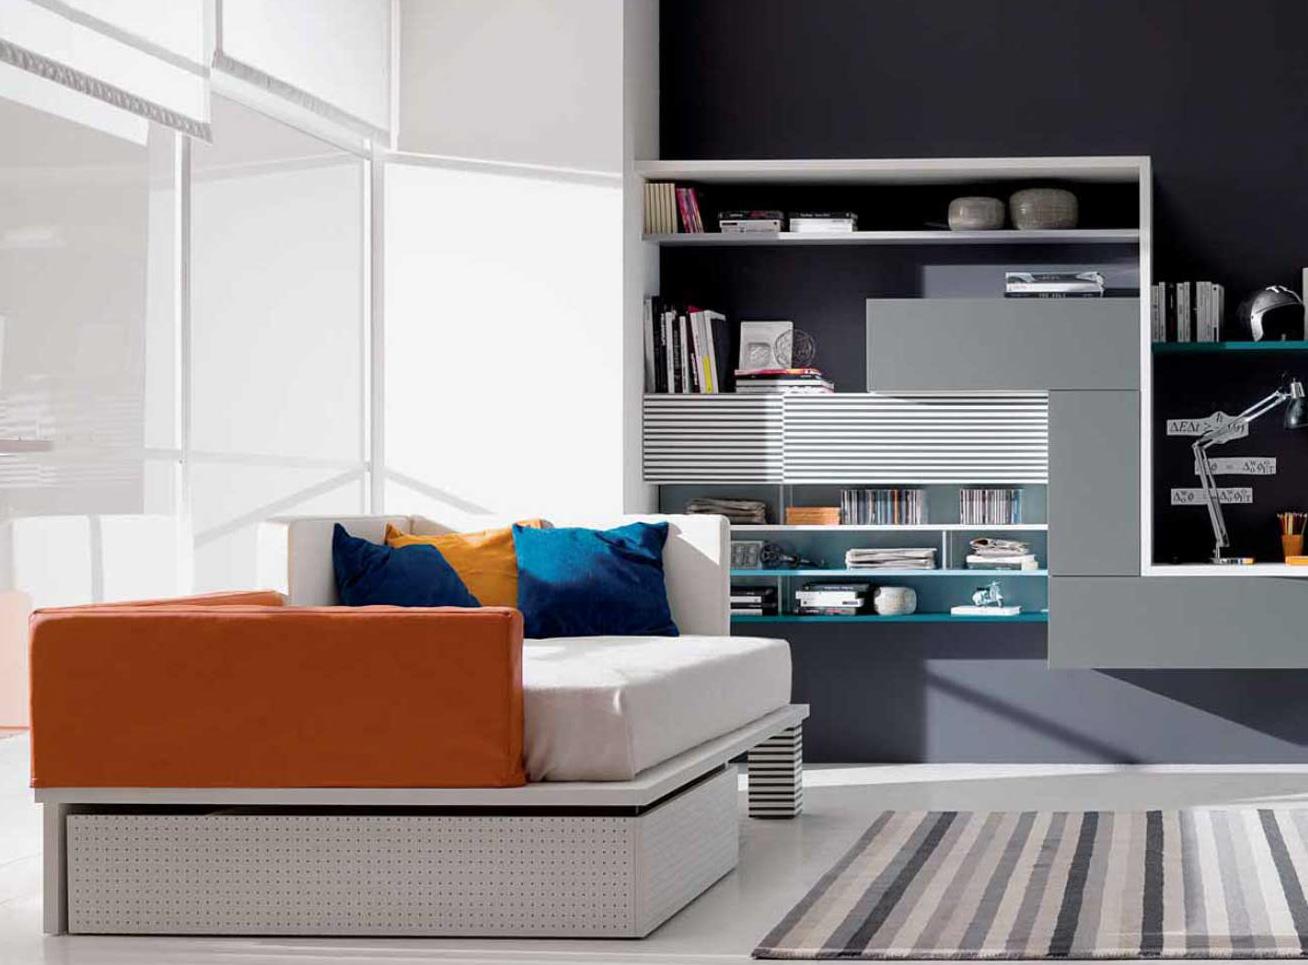 Letti piazza e mezza ragazzi spaziojunior for Ikea letto mezza piazza